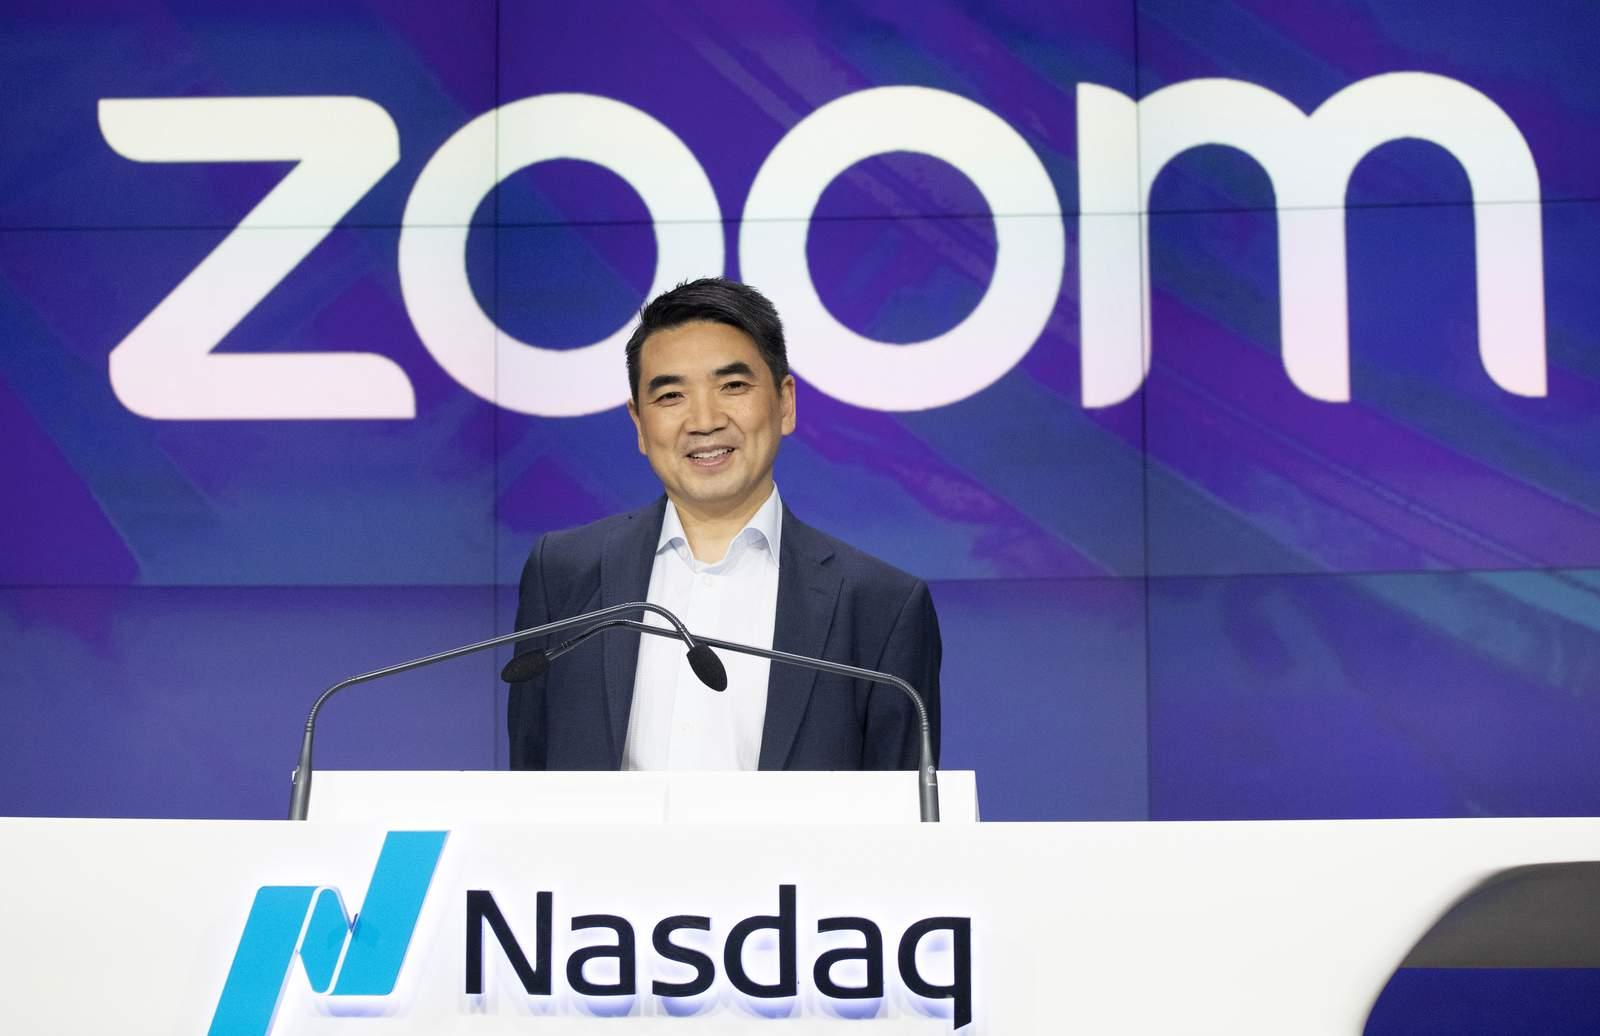 Singapur detiene Zoom para educación en línea mientras atacan hackers 33